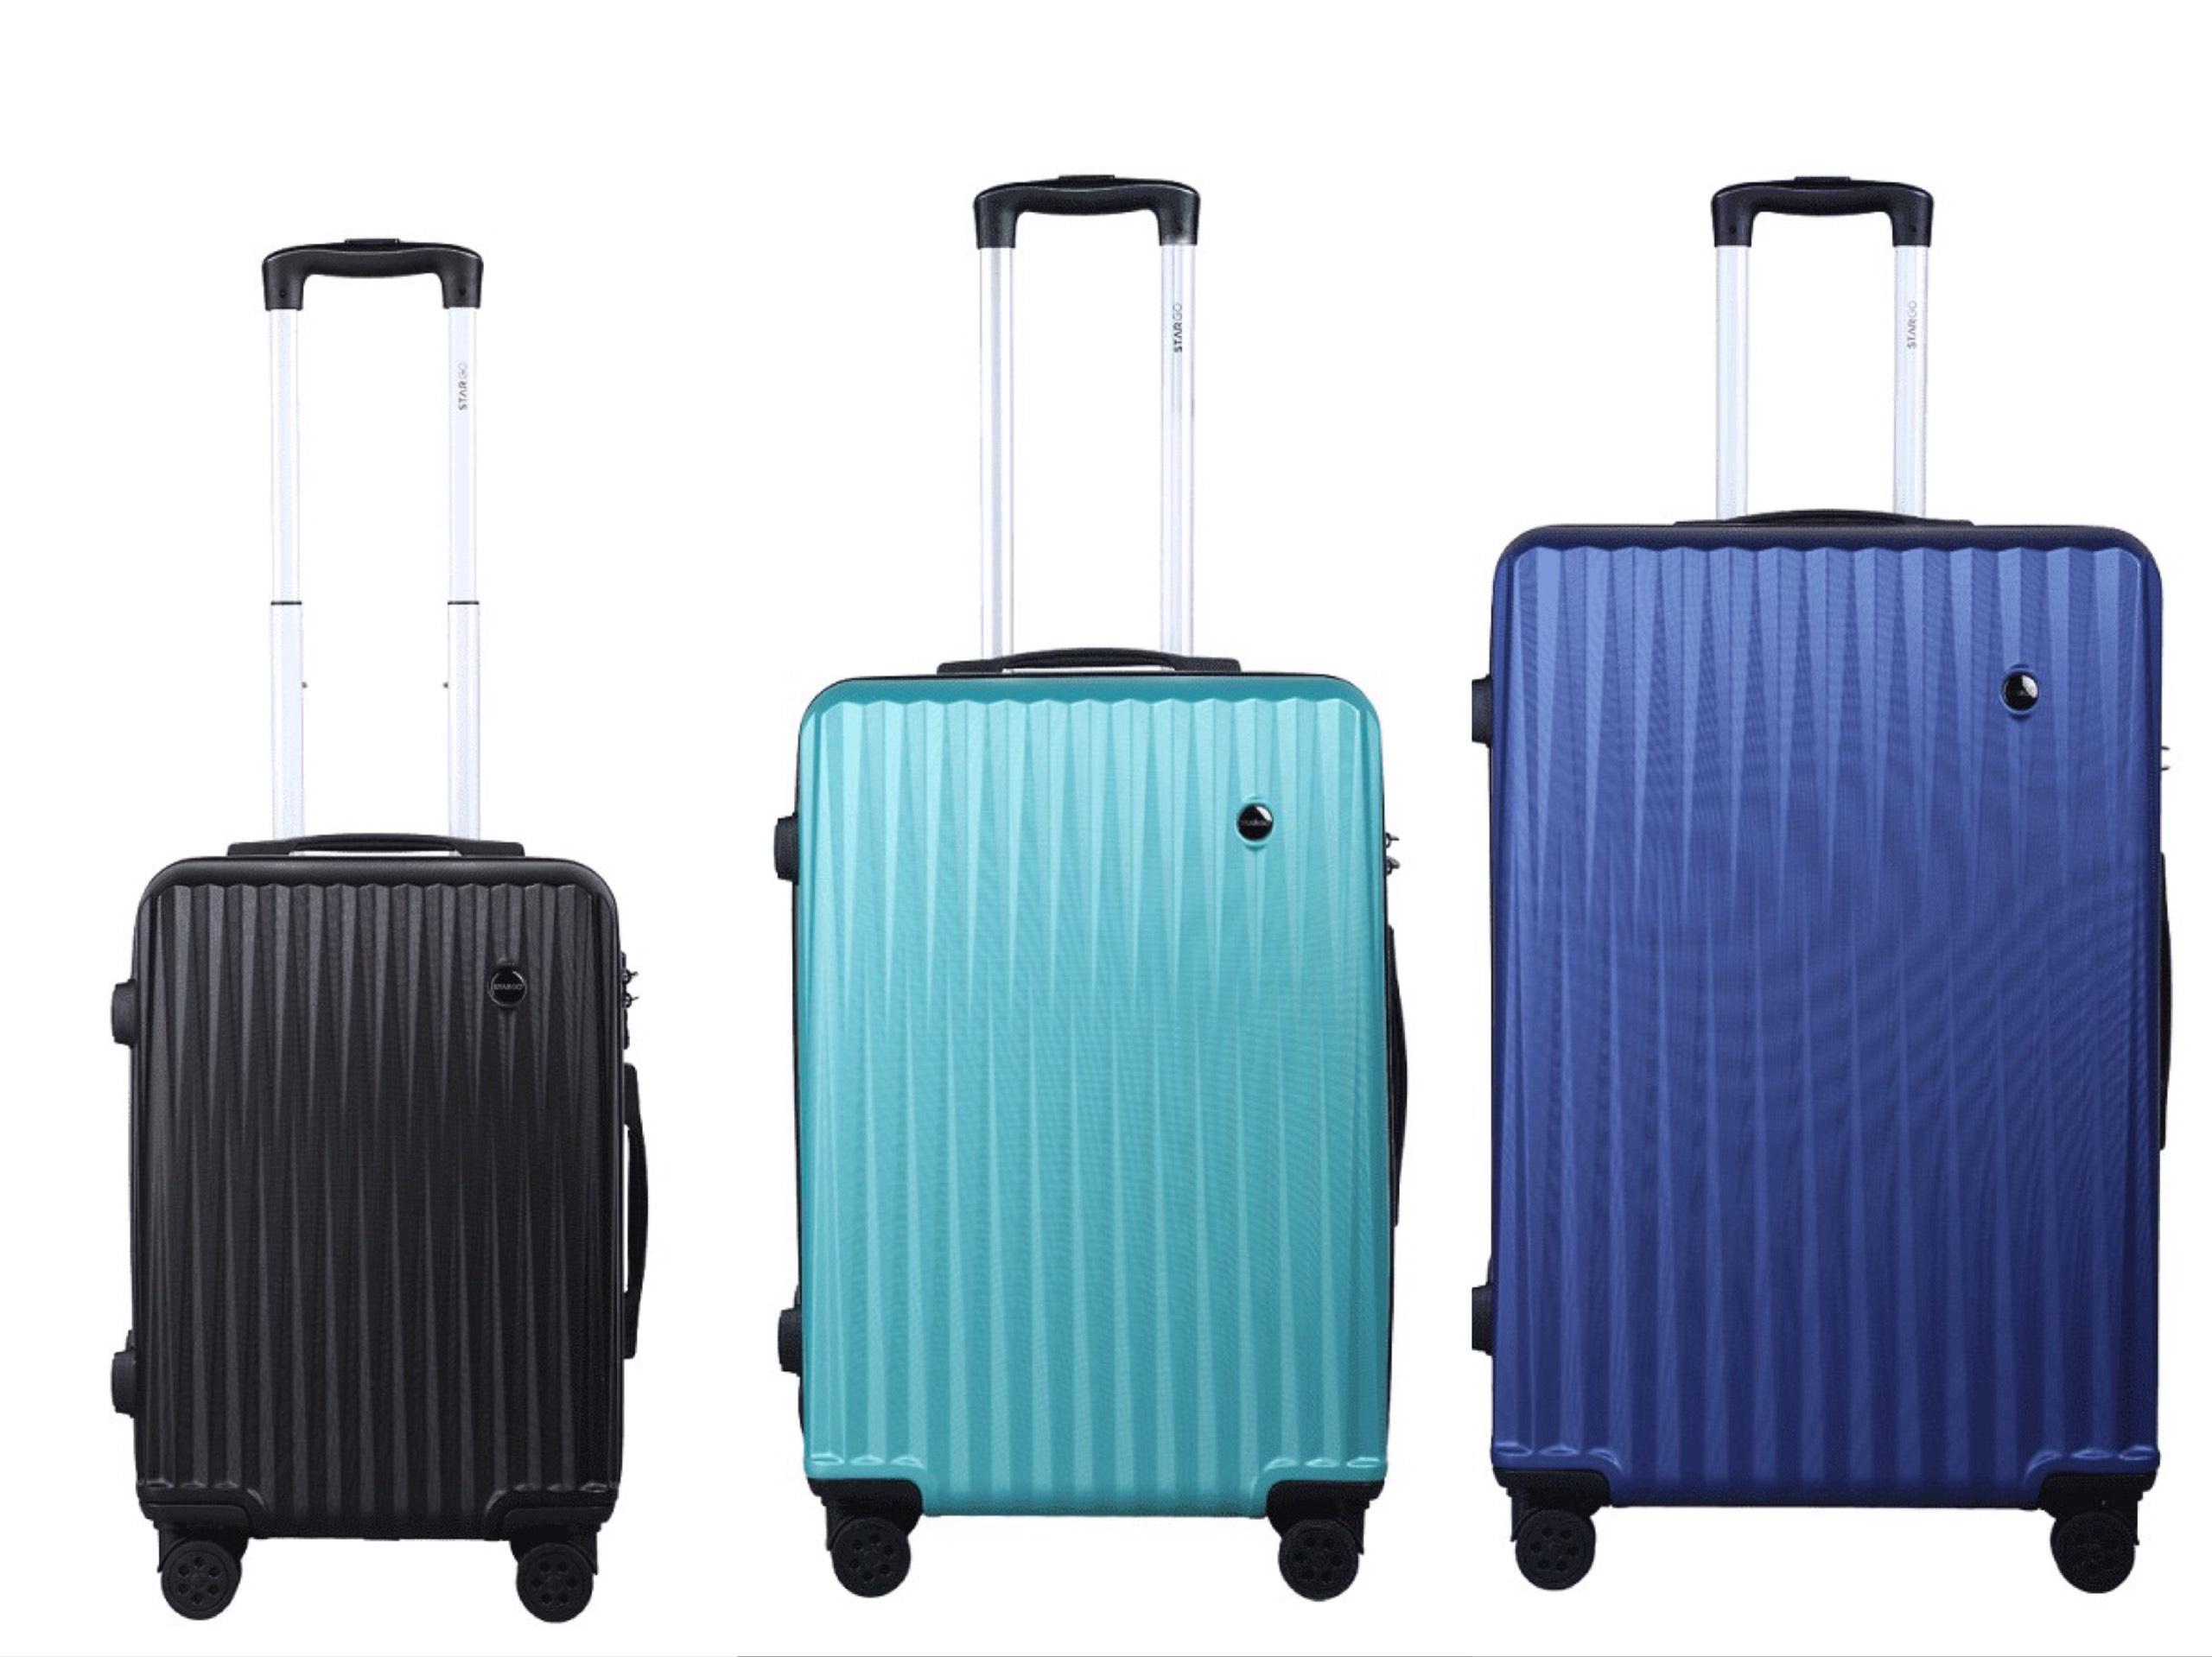 Top vali kéo giá rẻ bền đẹp - 2